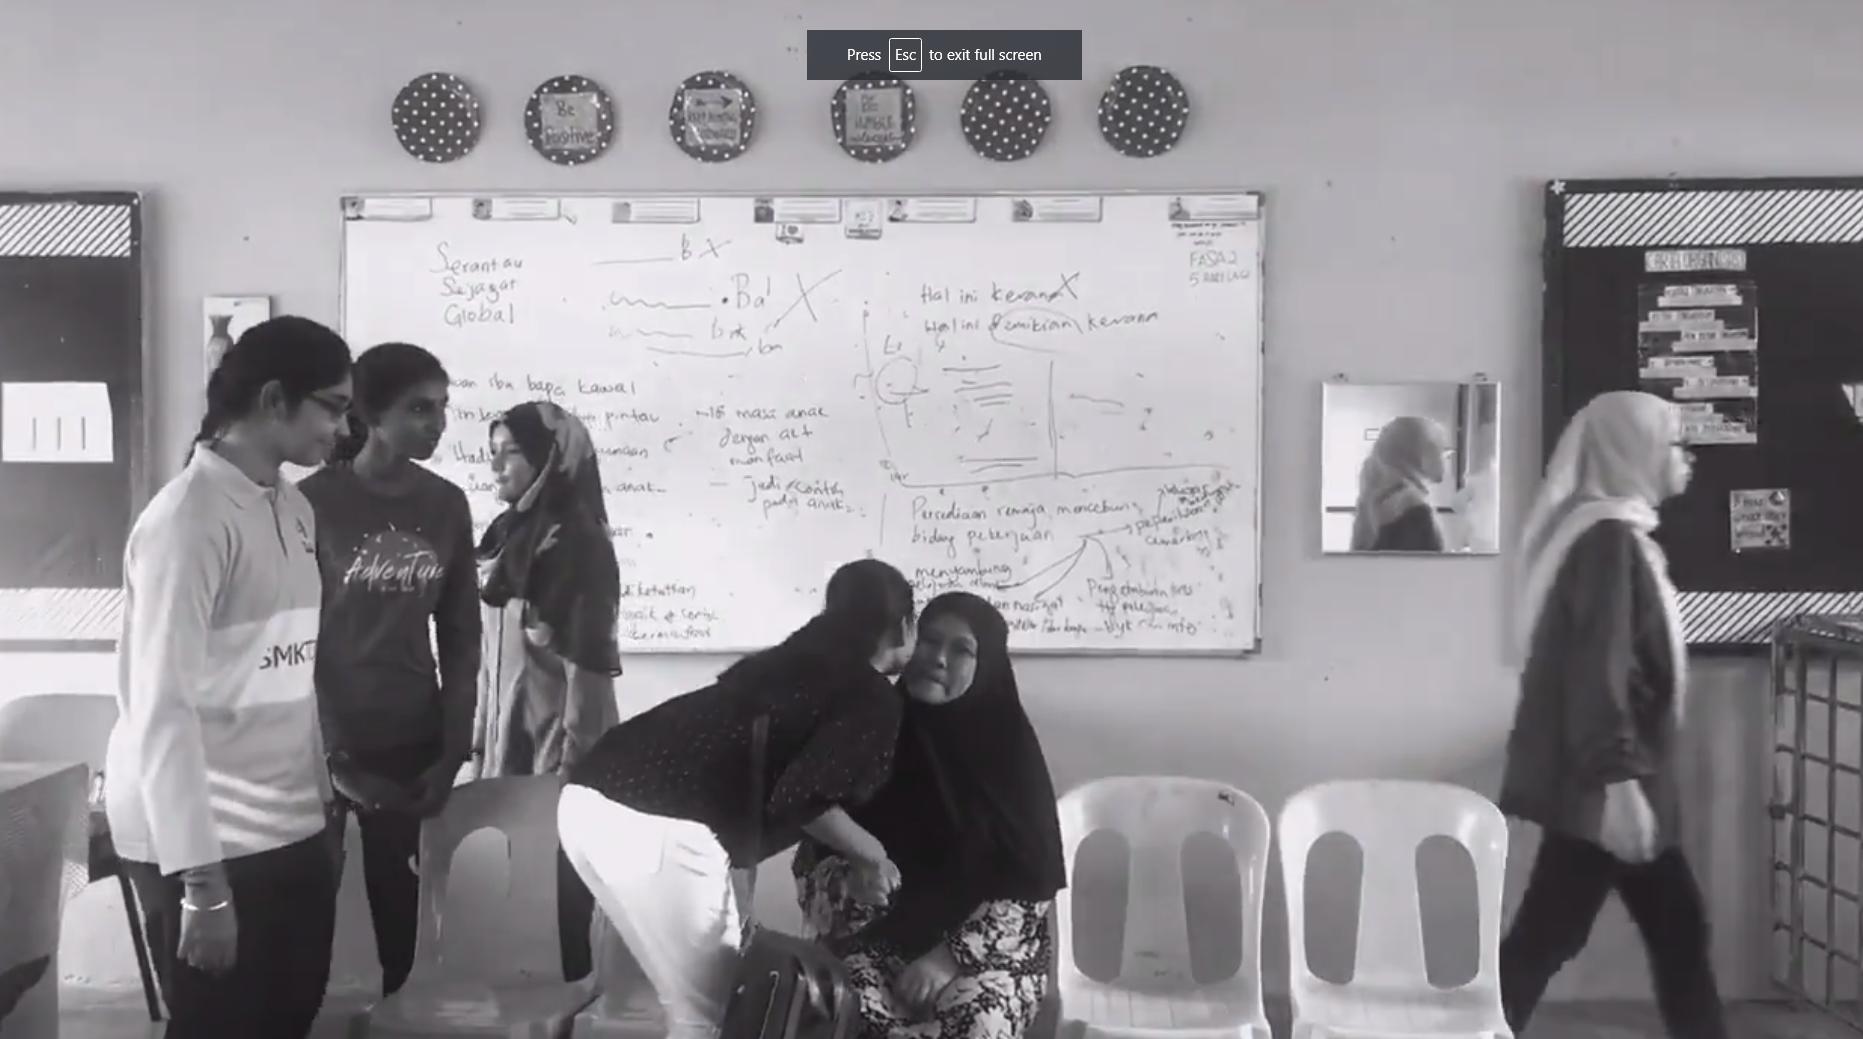 Viral Lagi Video Perpisahan Calon SPM 2019, Reaksi Akhir Guru Tambah 'Barai'